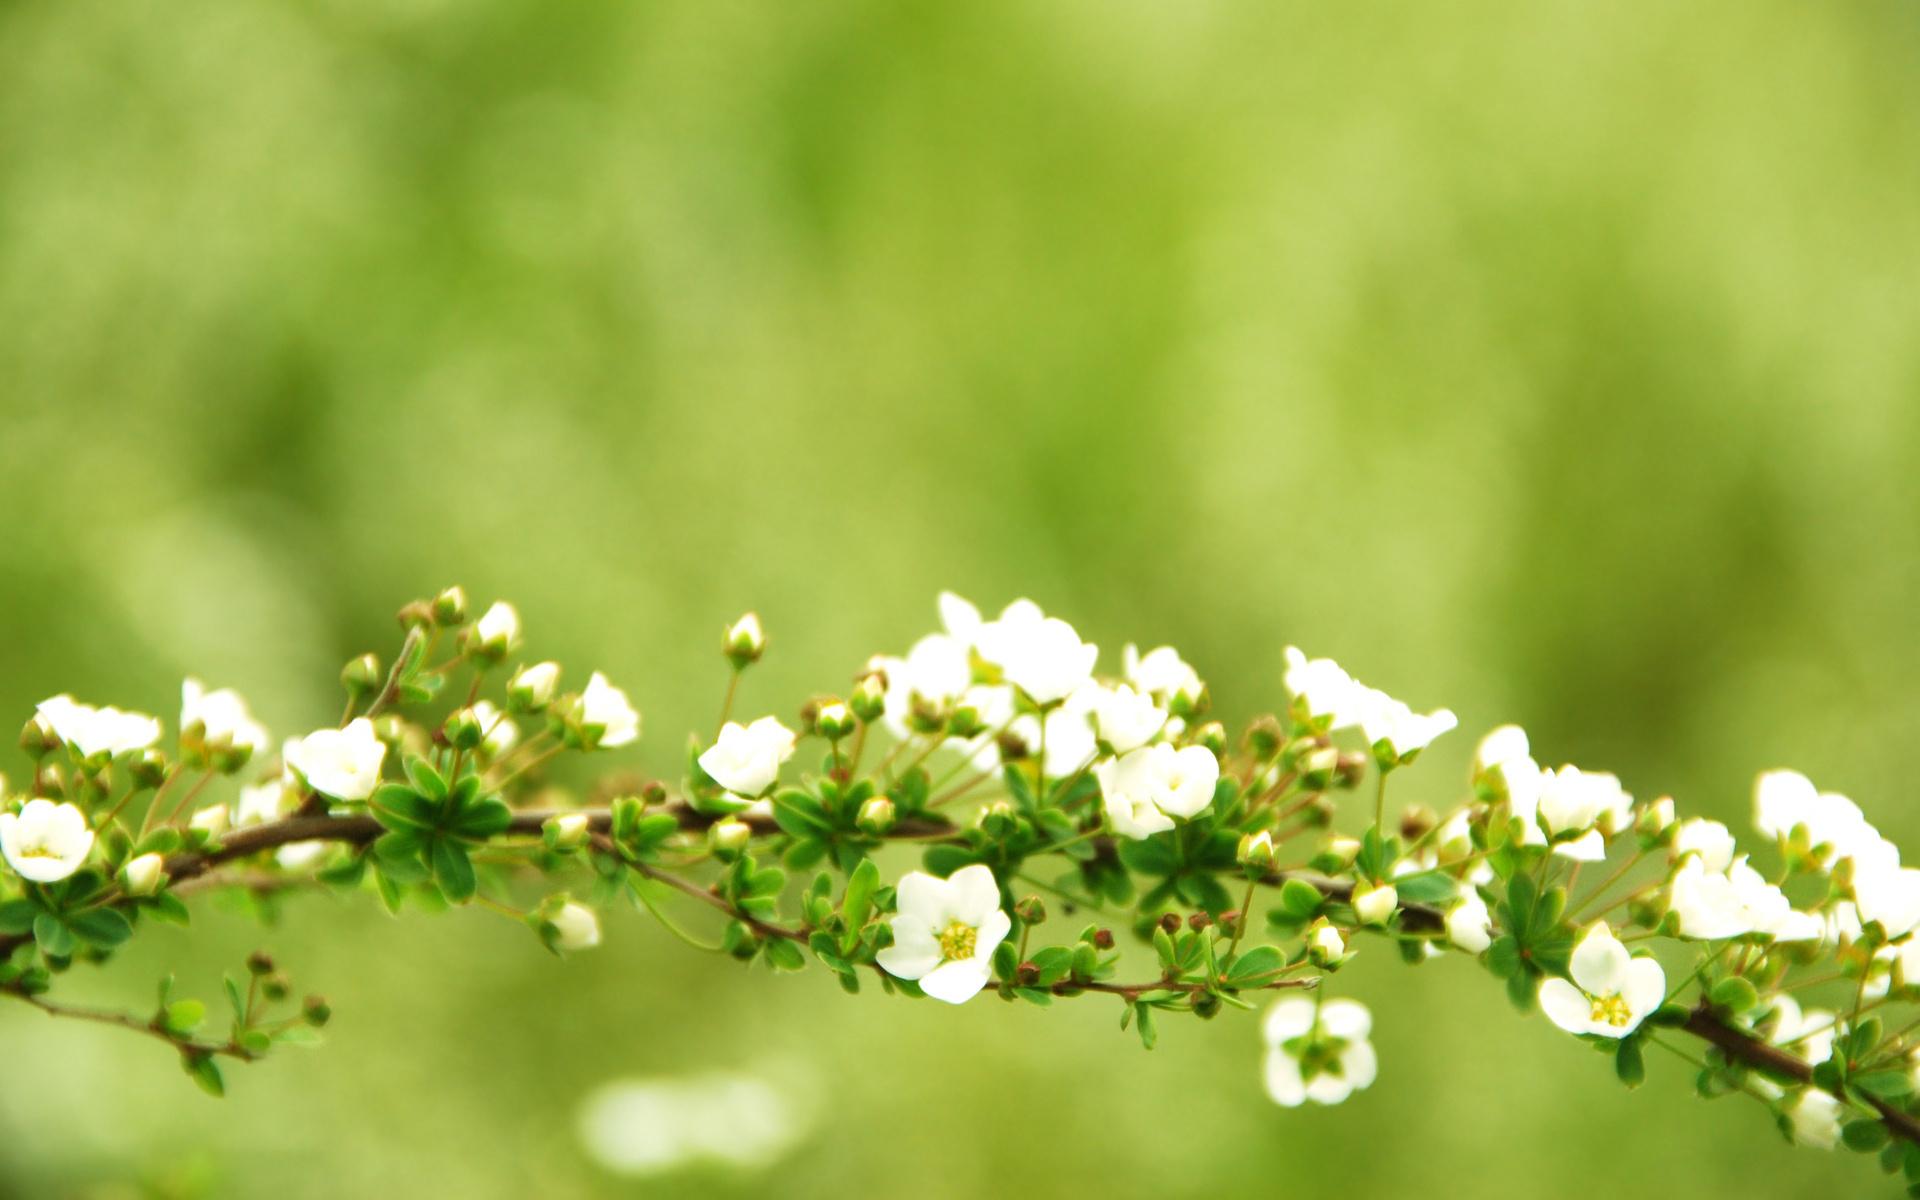 Обои на рабочий стол весна природа широкоформатные скачать бесплатно